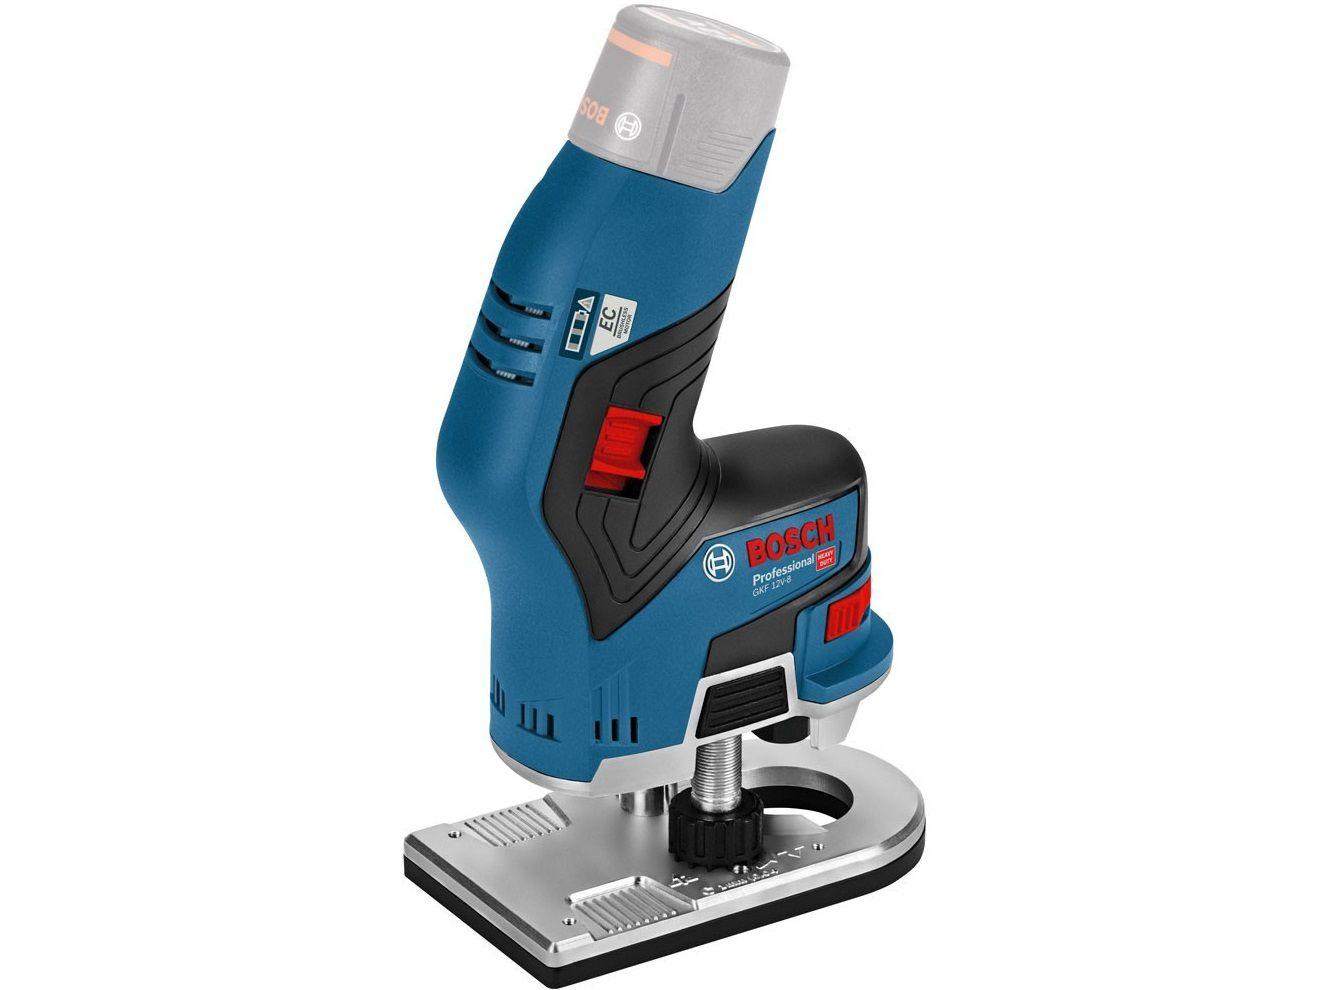 Aku ohraňovací frézka Bosch GKF 12V-8 Professional - 12V, 1.1kg, bez akumulátoru a nabíječky (06016B0002) Bosch PROFI